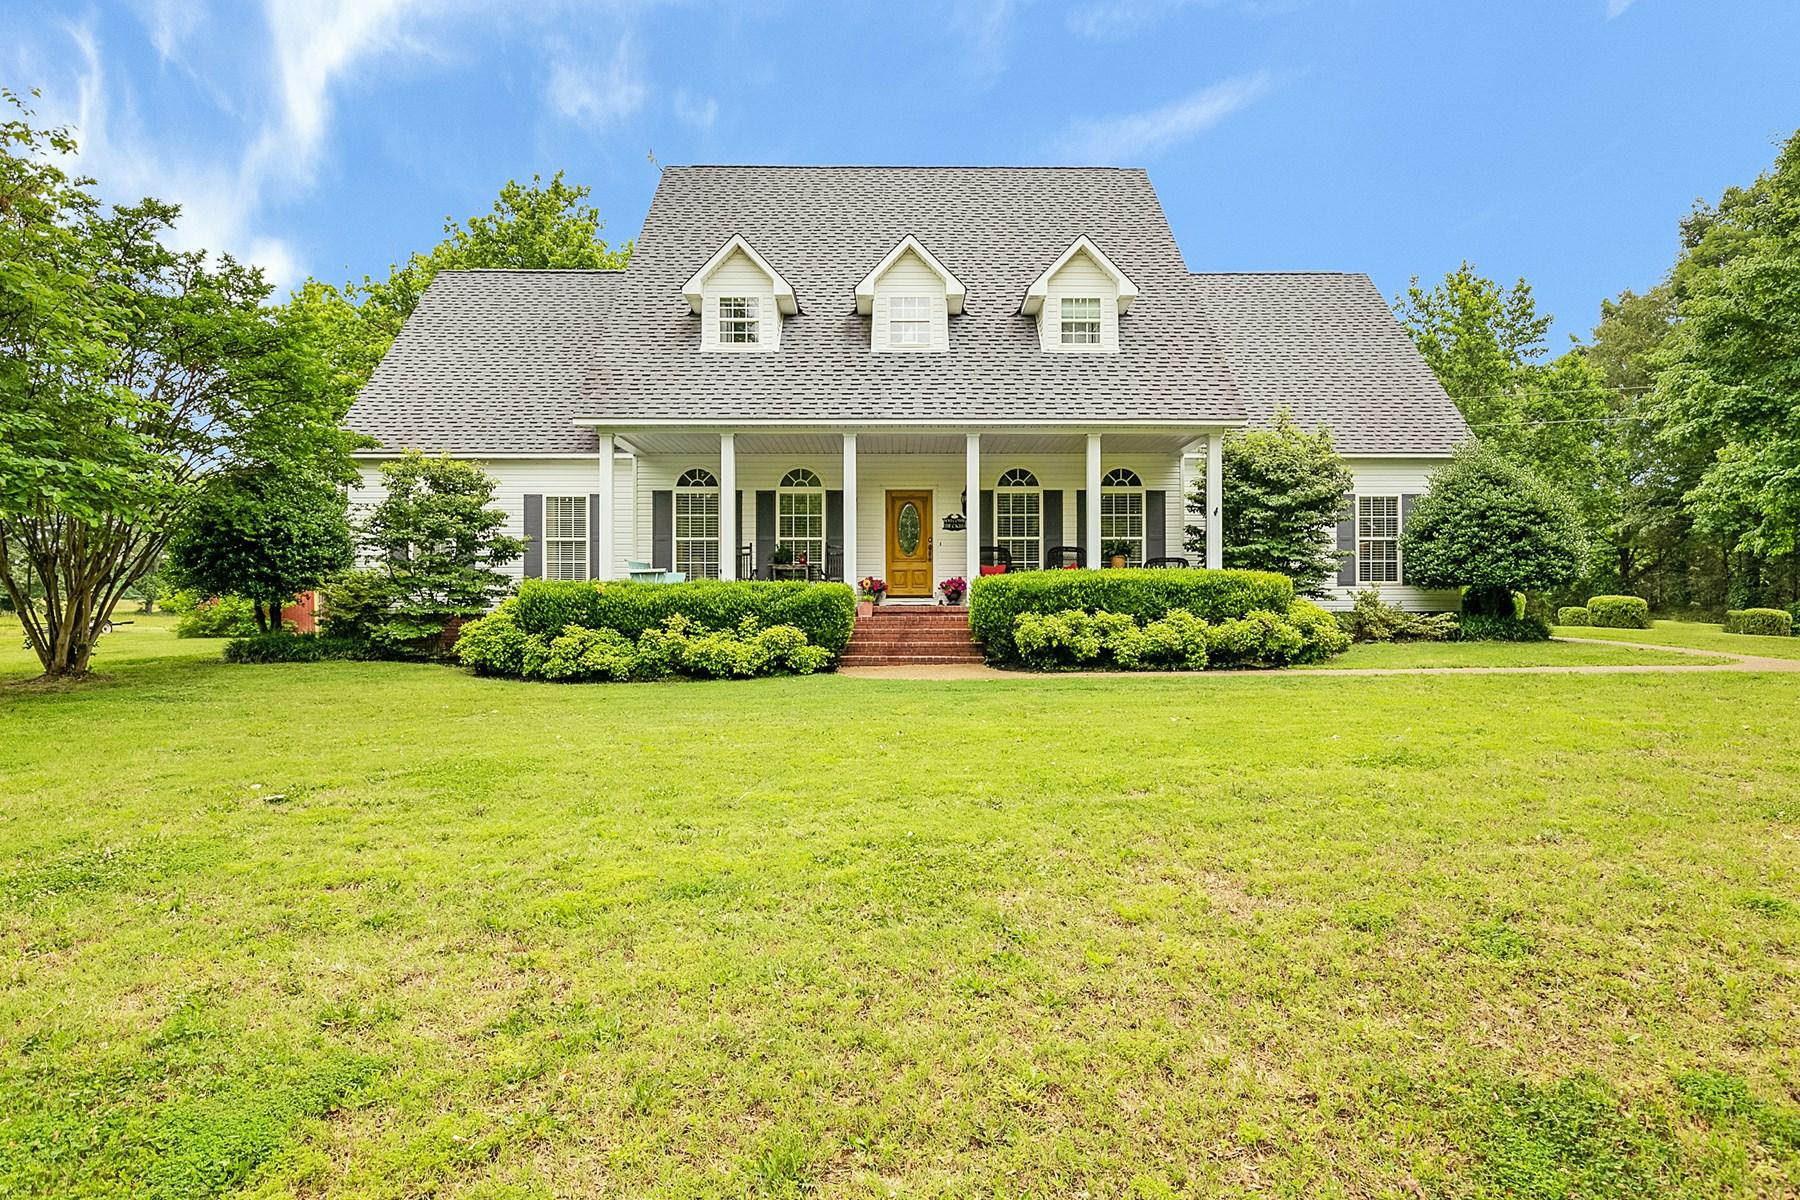 Crocket County TN Modern Farmhouse for sale, Pond, Acreage